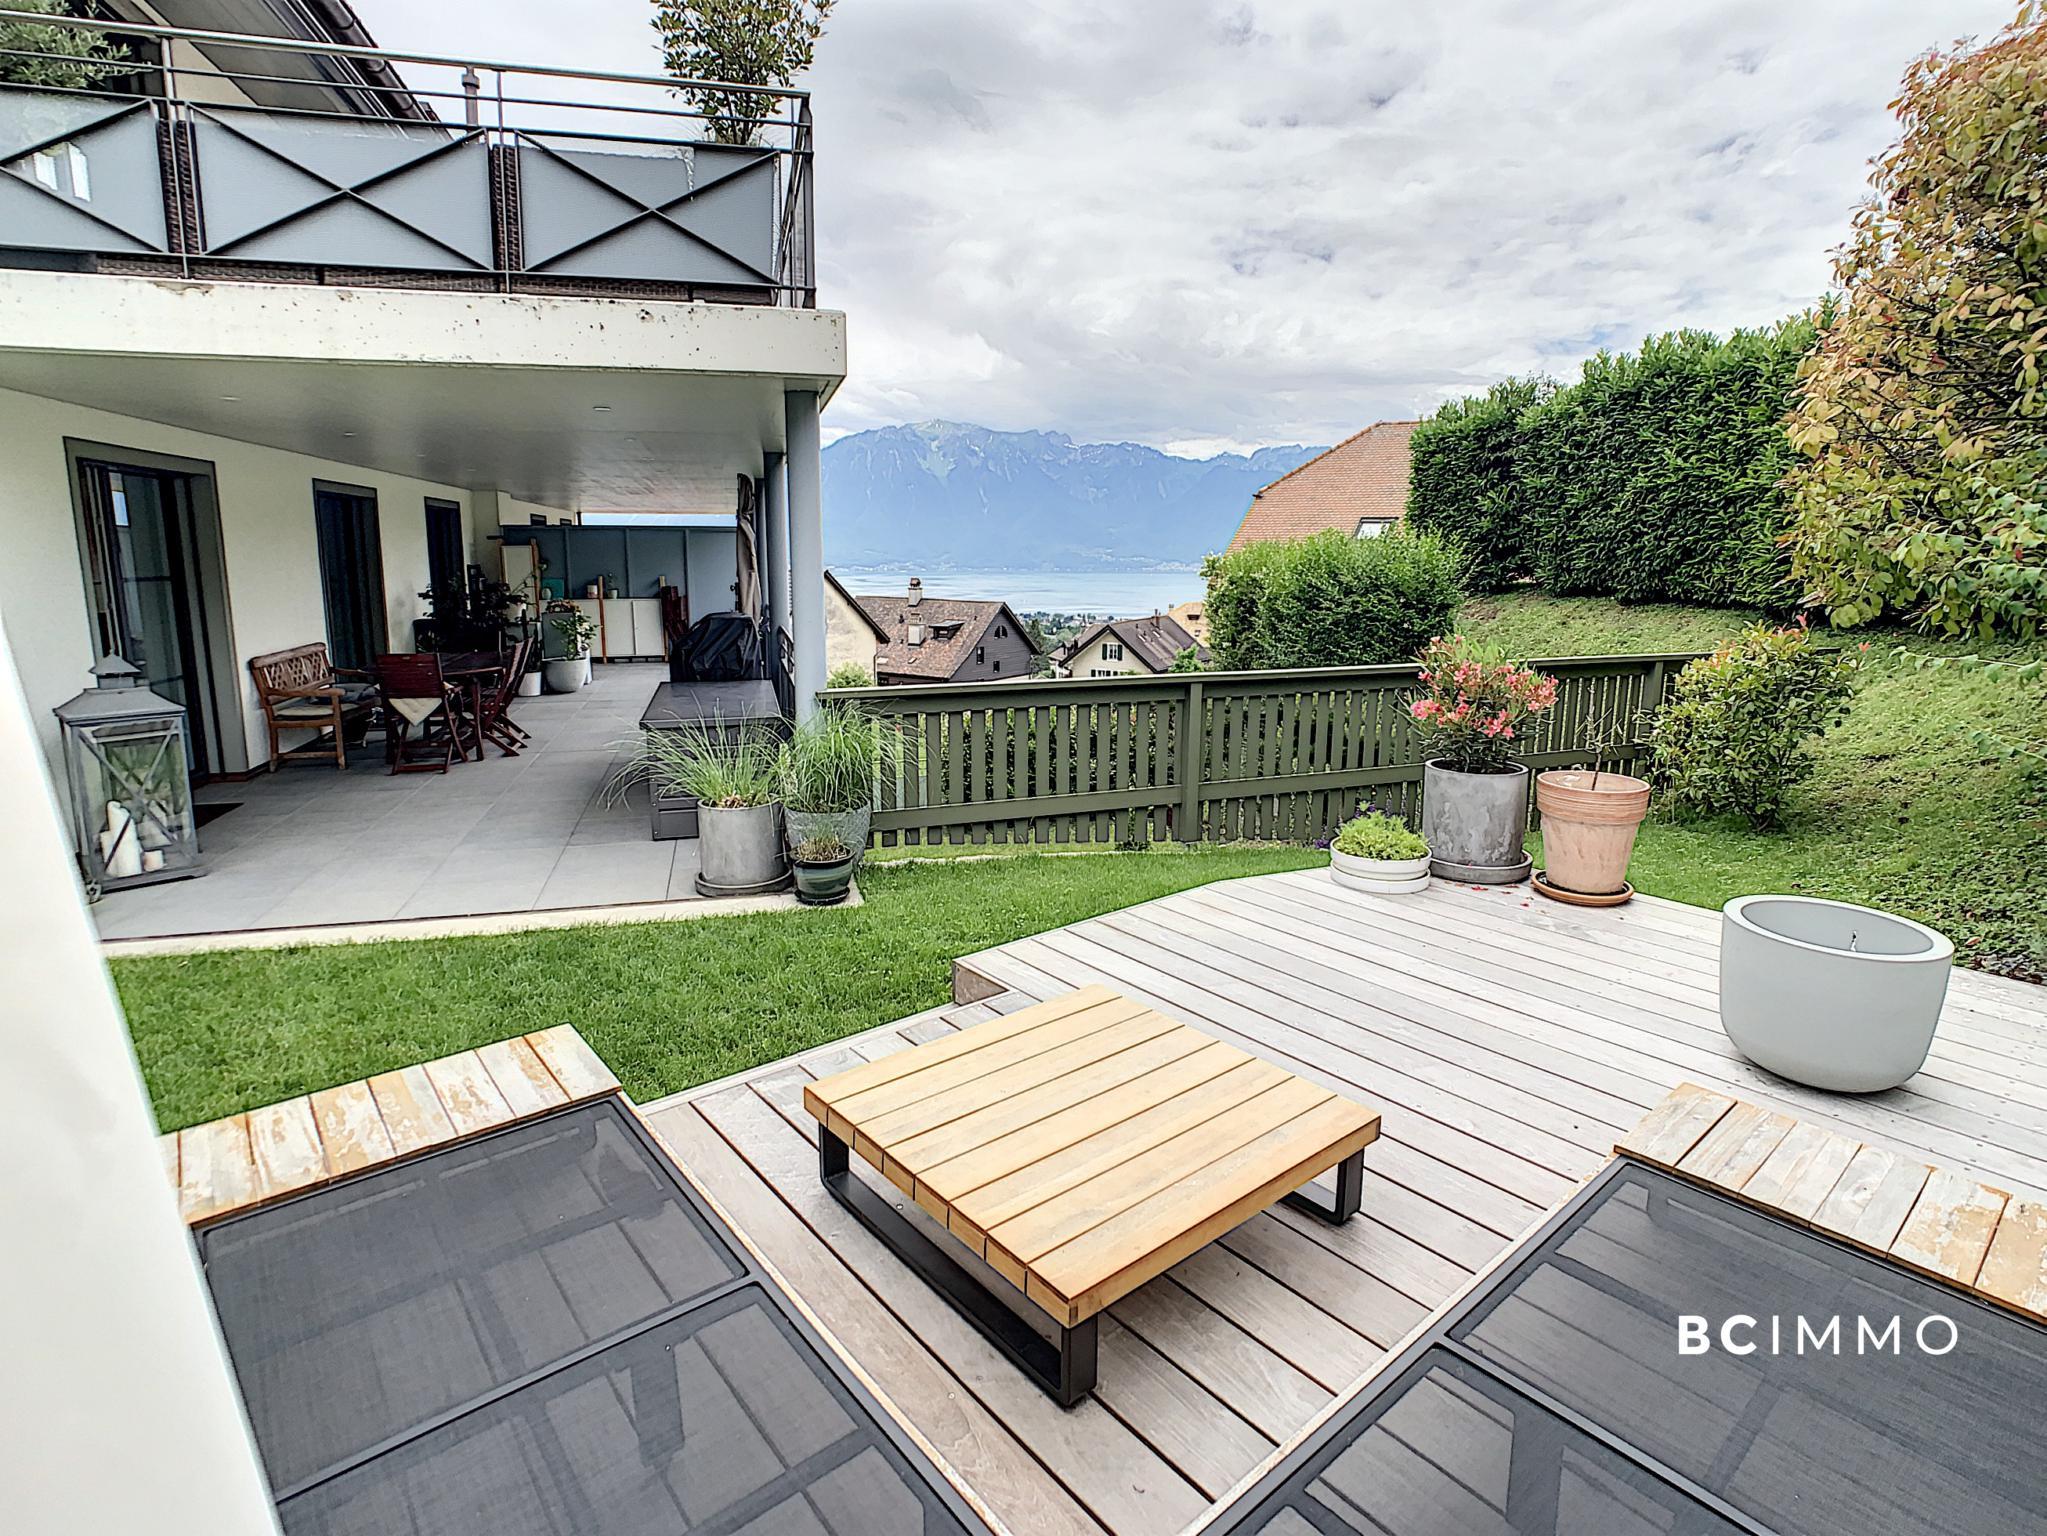 BC Immo - RESERVE - Magnifique appartement de standing avec terrasse et vue lac - GSA186CP